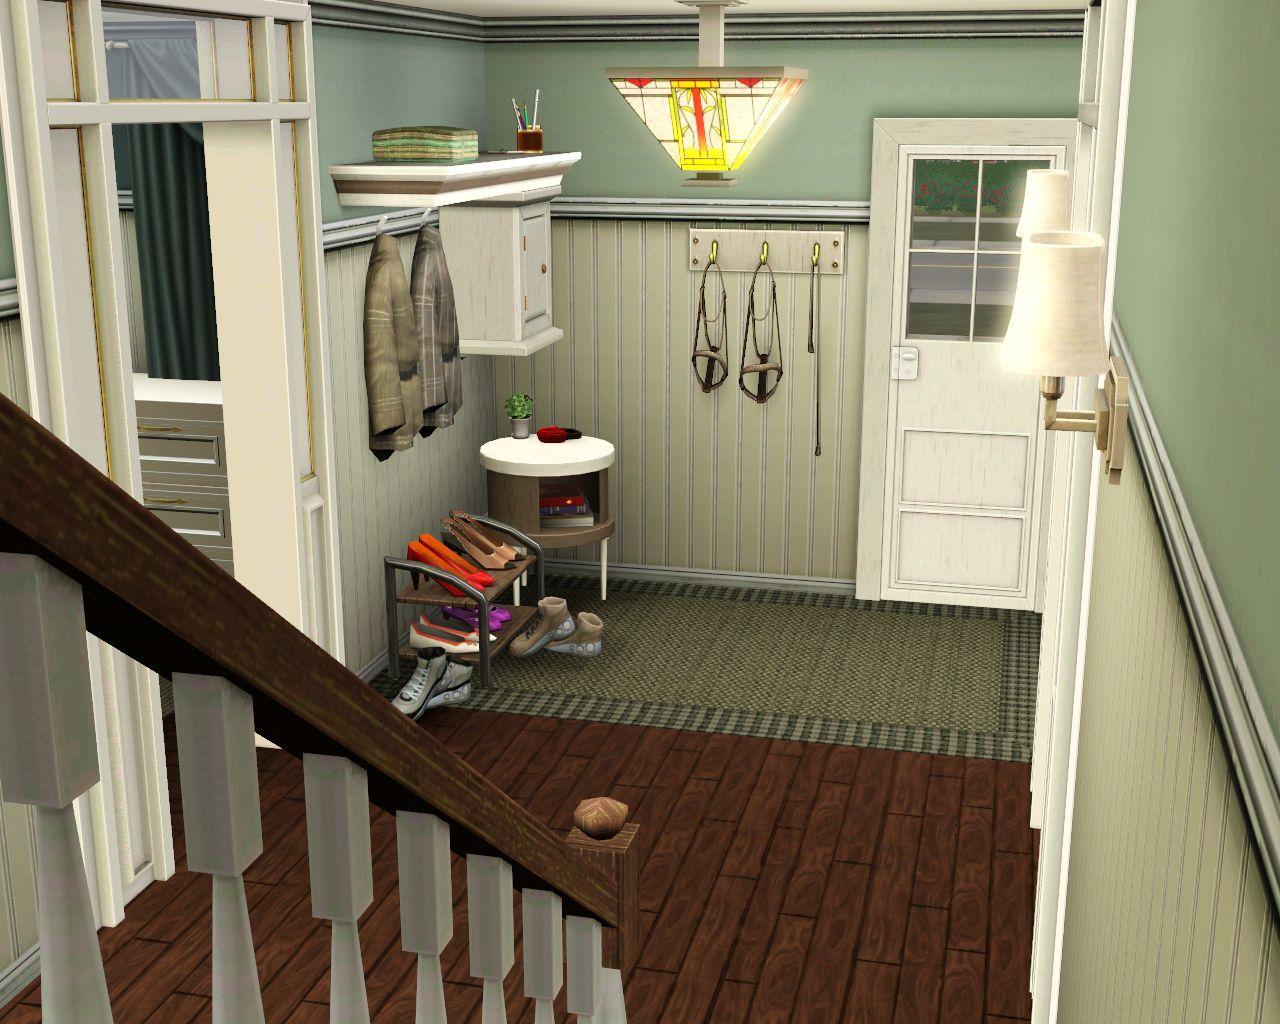 Sims Foyer Ideas : Mod the sims sunnyside no cc